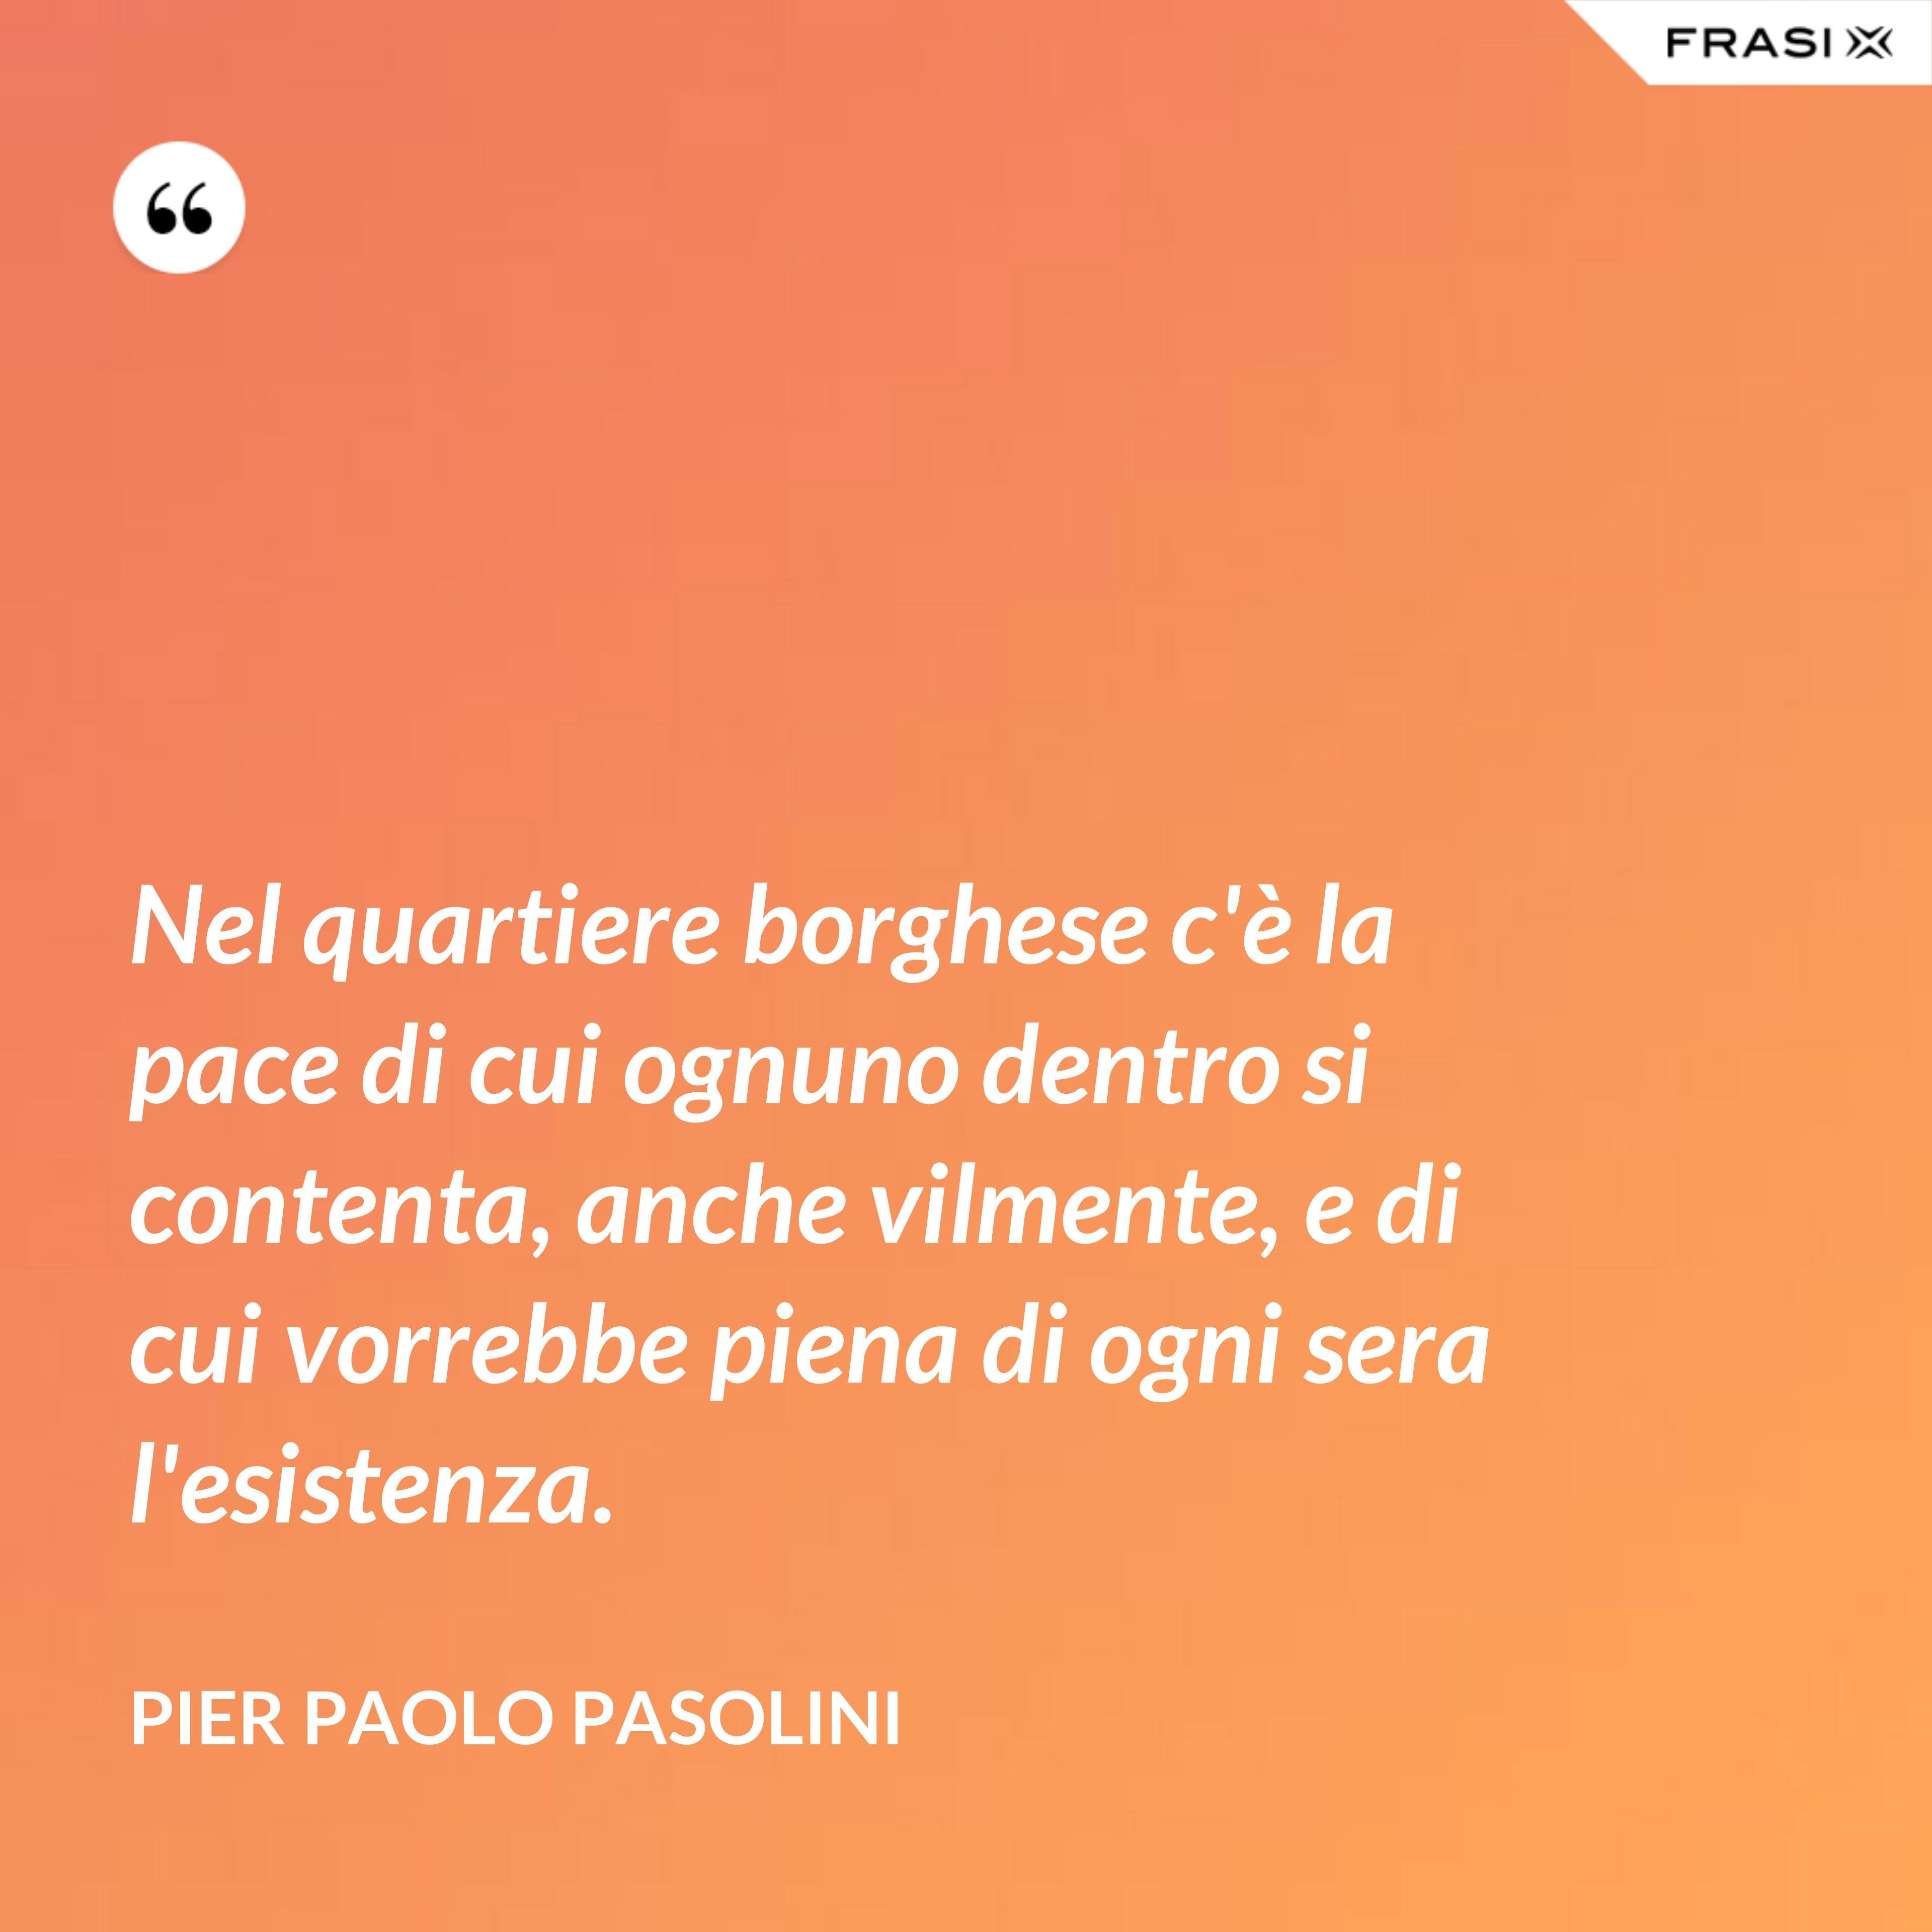 Nel quartiere borghese c'è la pace di cui ognuno dentro si contenta, anche vilmente, e di cui vorrebbe piena di ogni sera l'esistenza. - Pier Paolo Pasolini